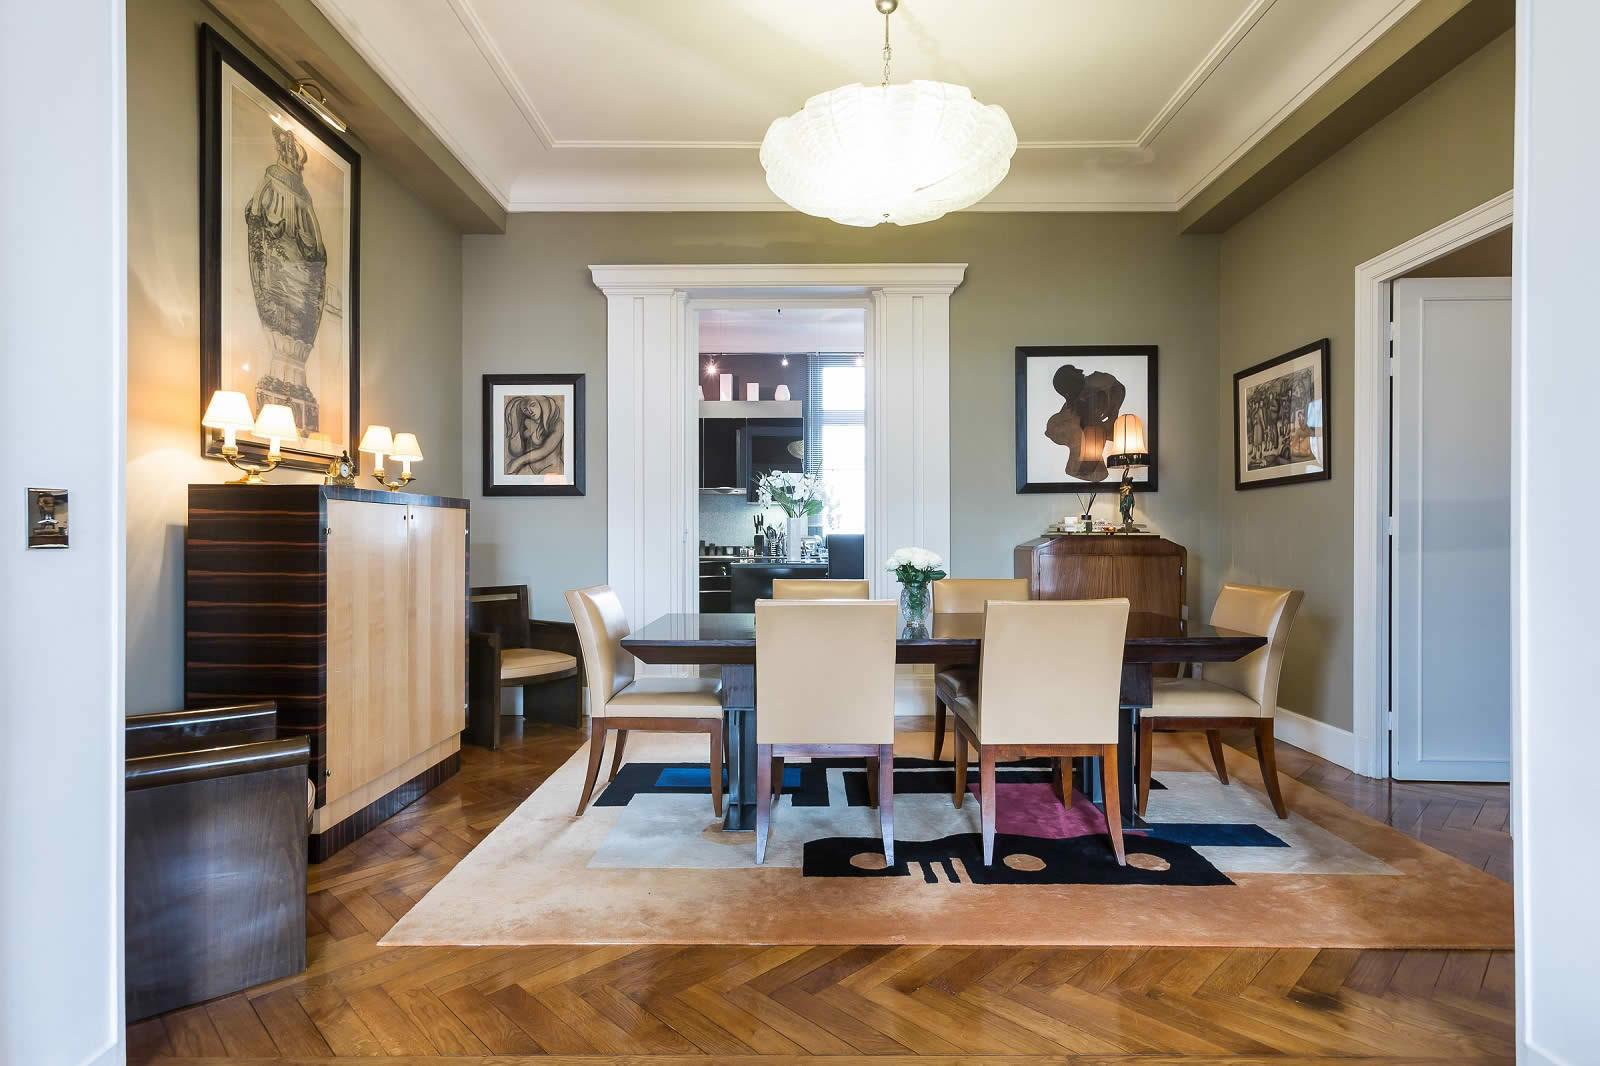 Appartement R Nov Vendre Dans Le 7 Me Arrondissement De Paris 2 Chambres